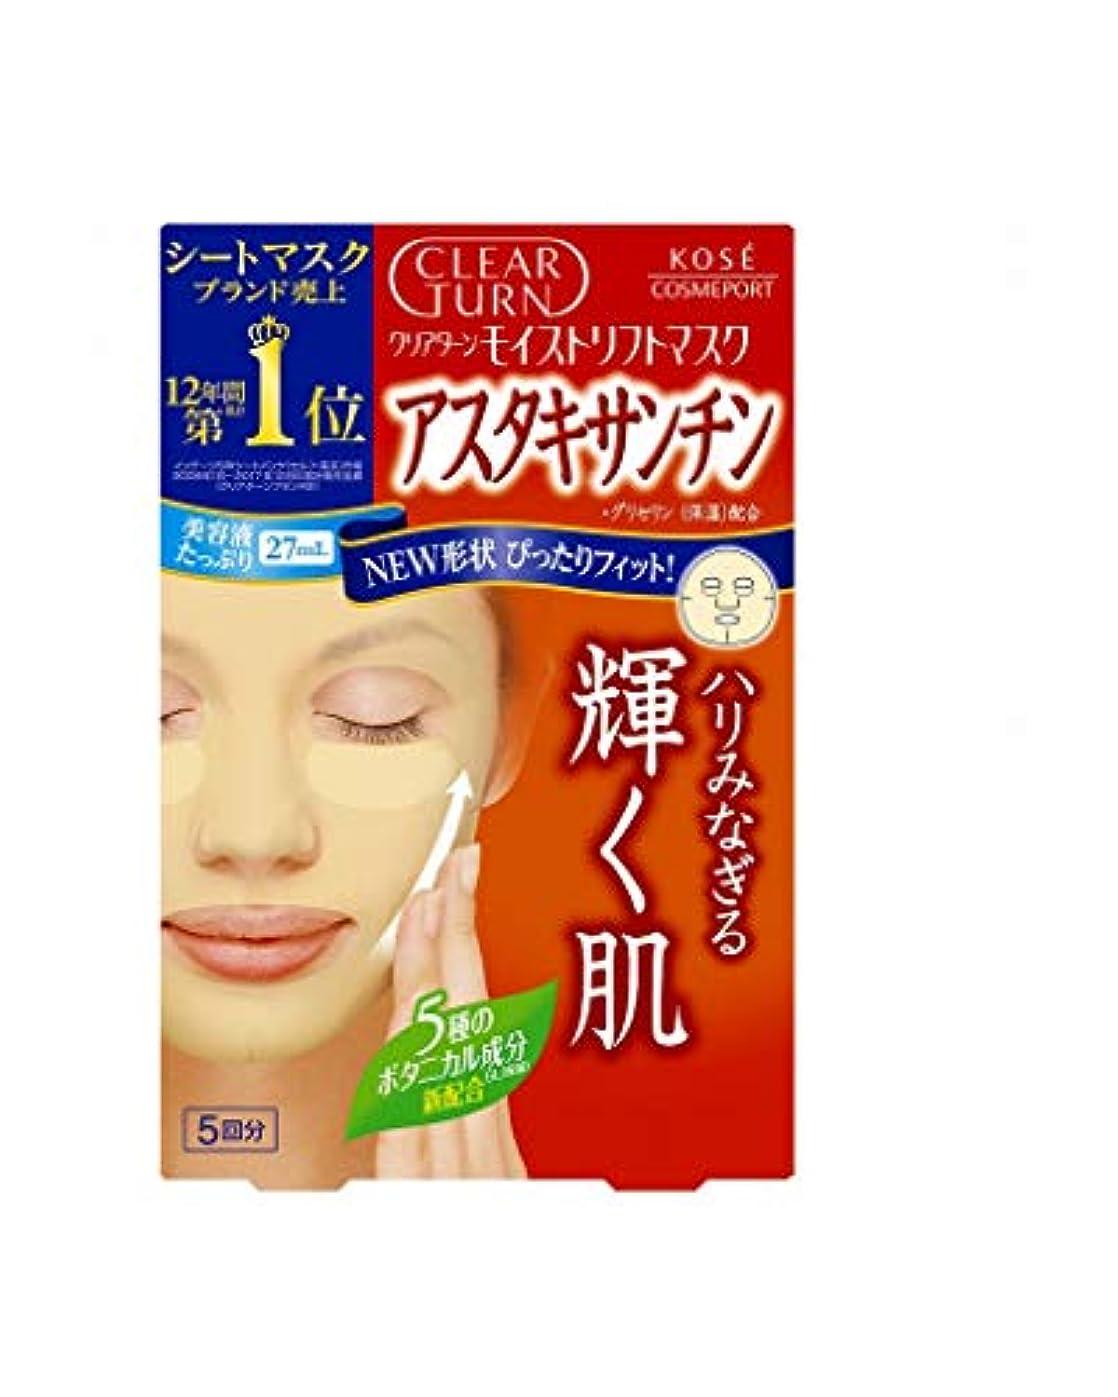 家庭雑種オペレーターKOSE コーセー クリアターン リフト マスク AS c (アスタキサンチン) 5回分 (22mL×5)